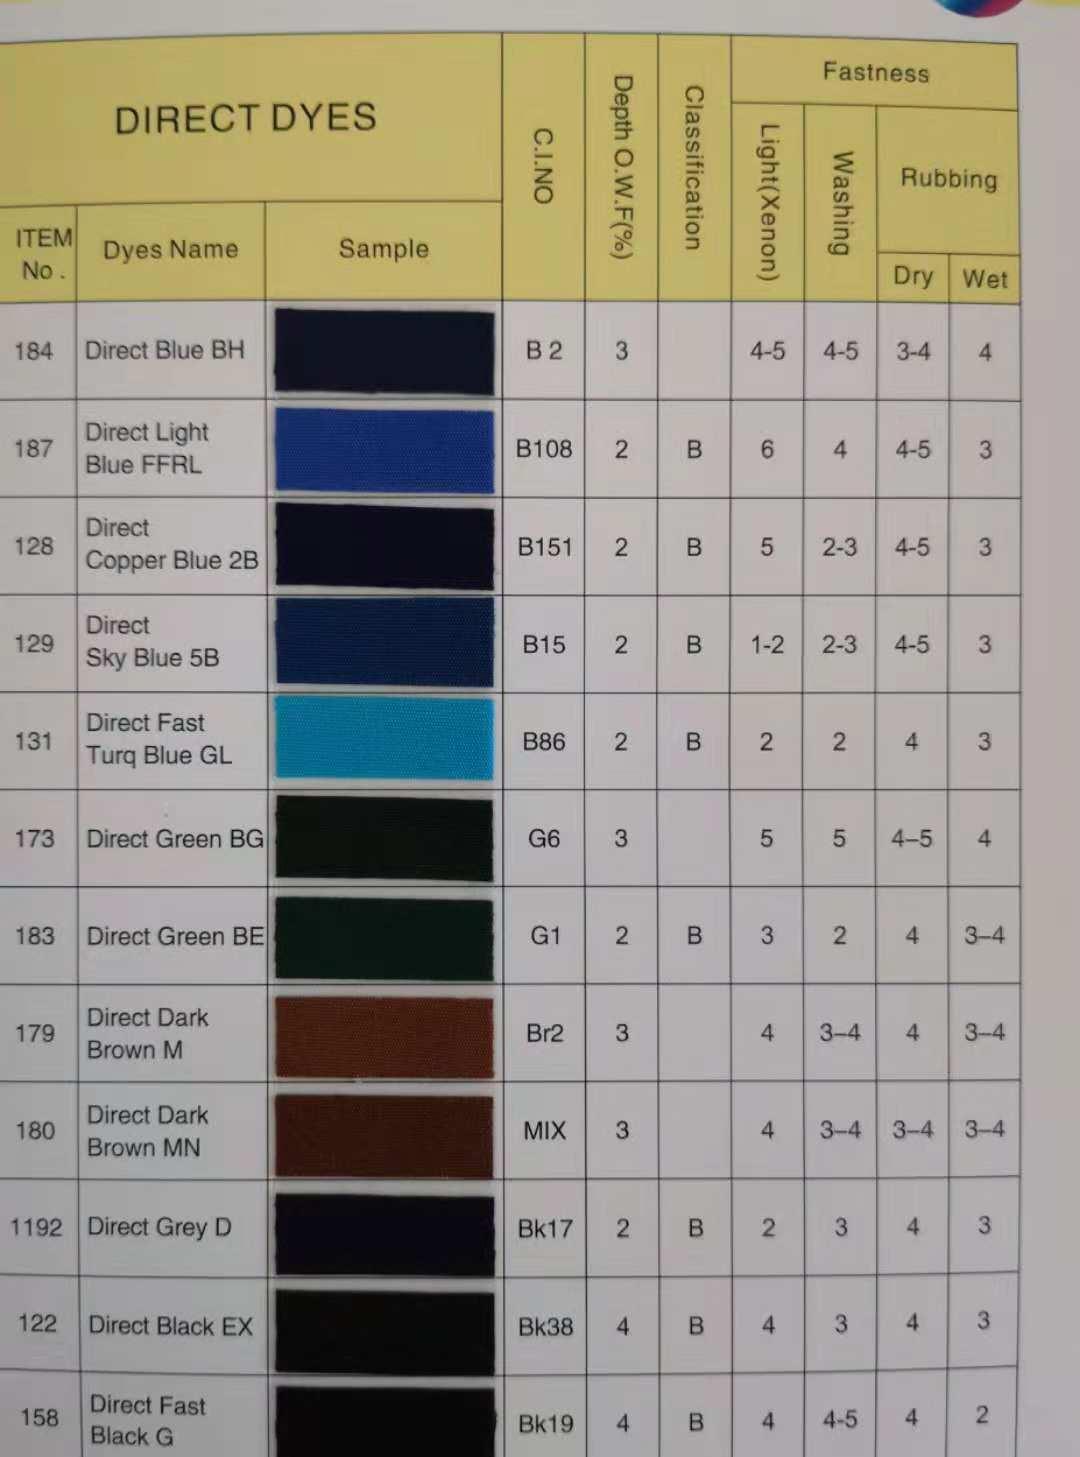 ડાયરેક્ટ રંગોનો 2